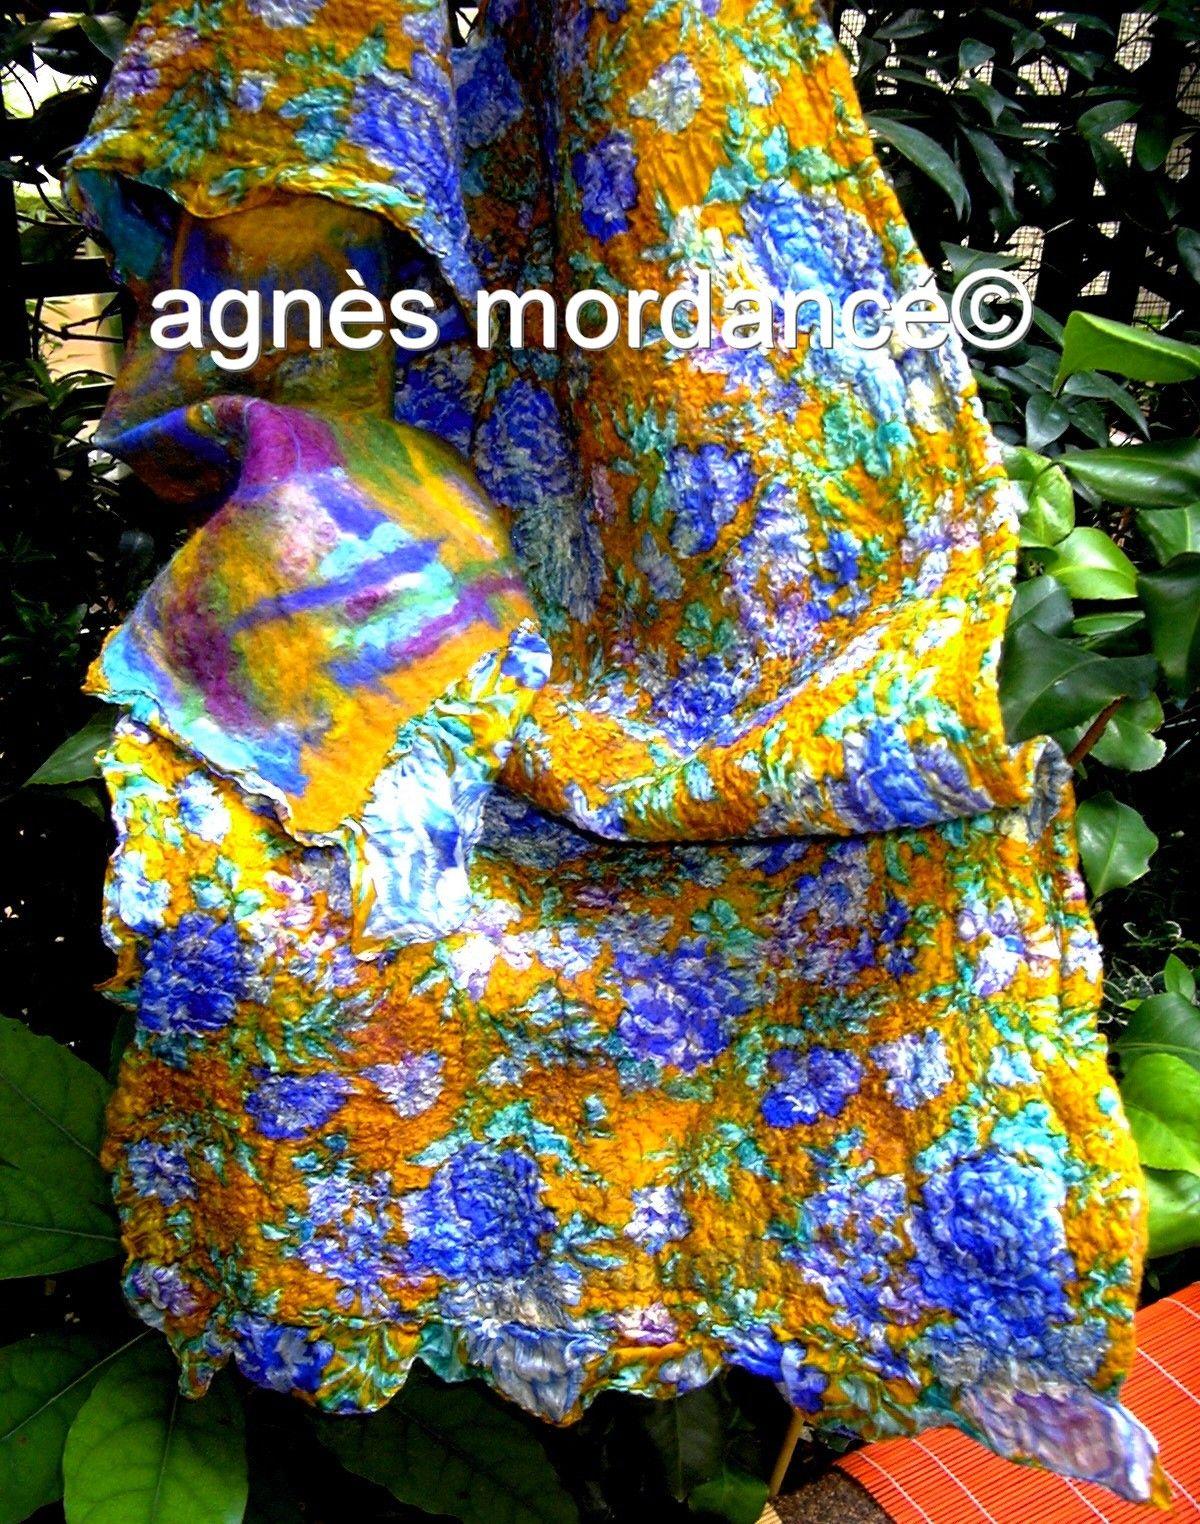 aagnès mordancé© créations feutrées paris - pièces uniques  Unauthorized copying http://www.alittlemarket.com/boutique/agnes_mordance-466335.html